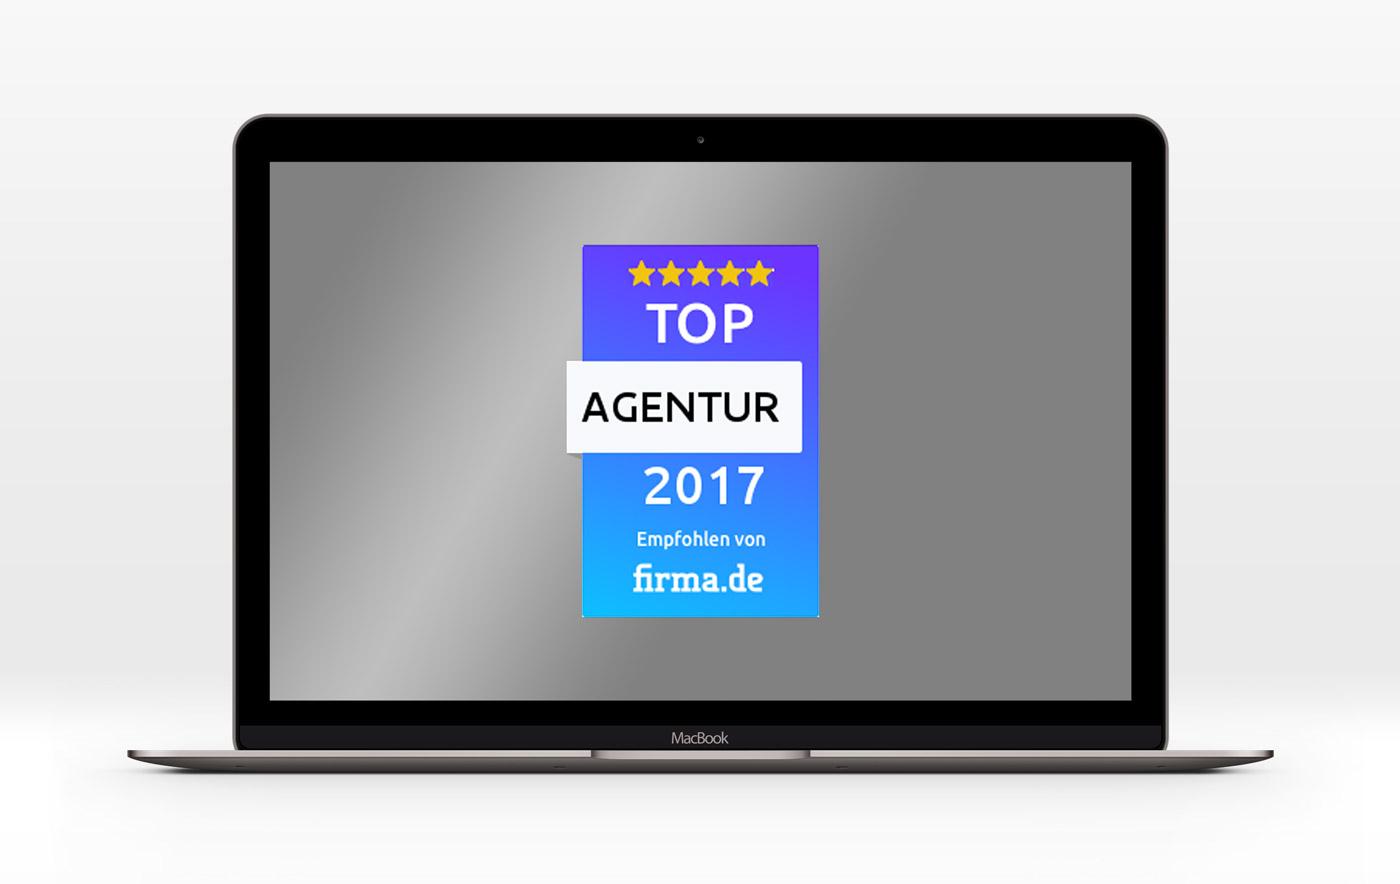 Top Agentur, 2017, News